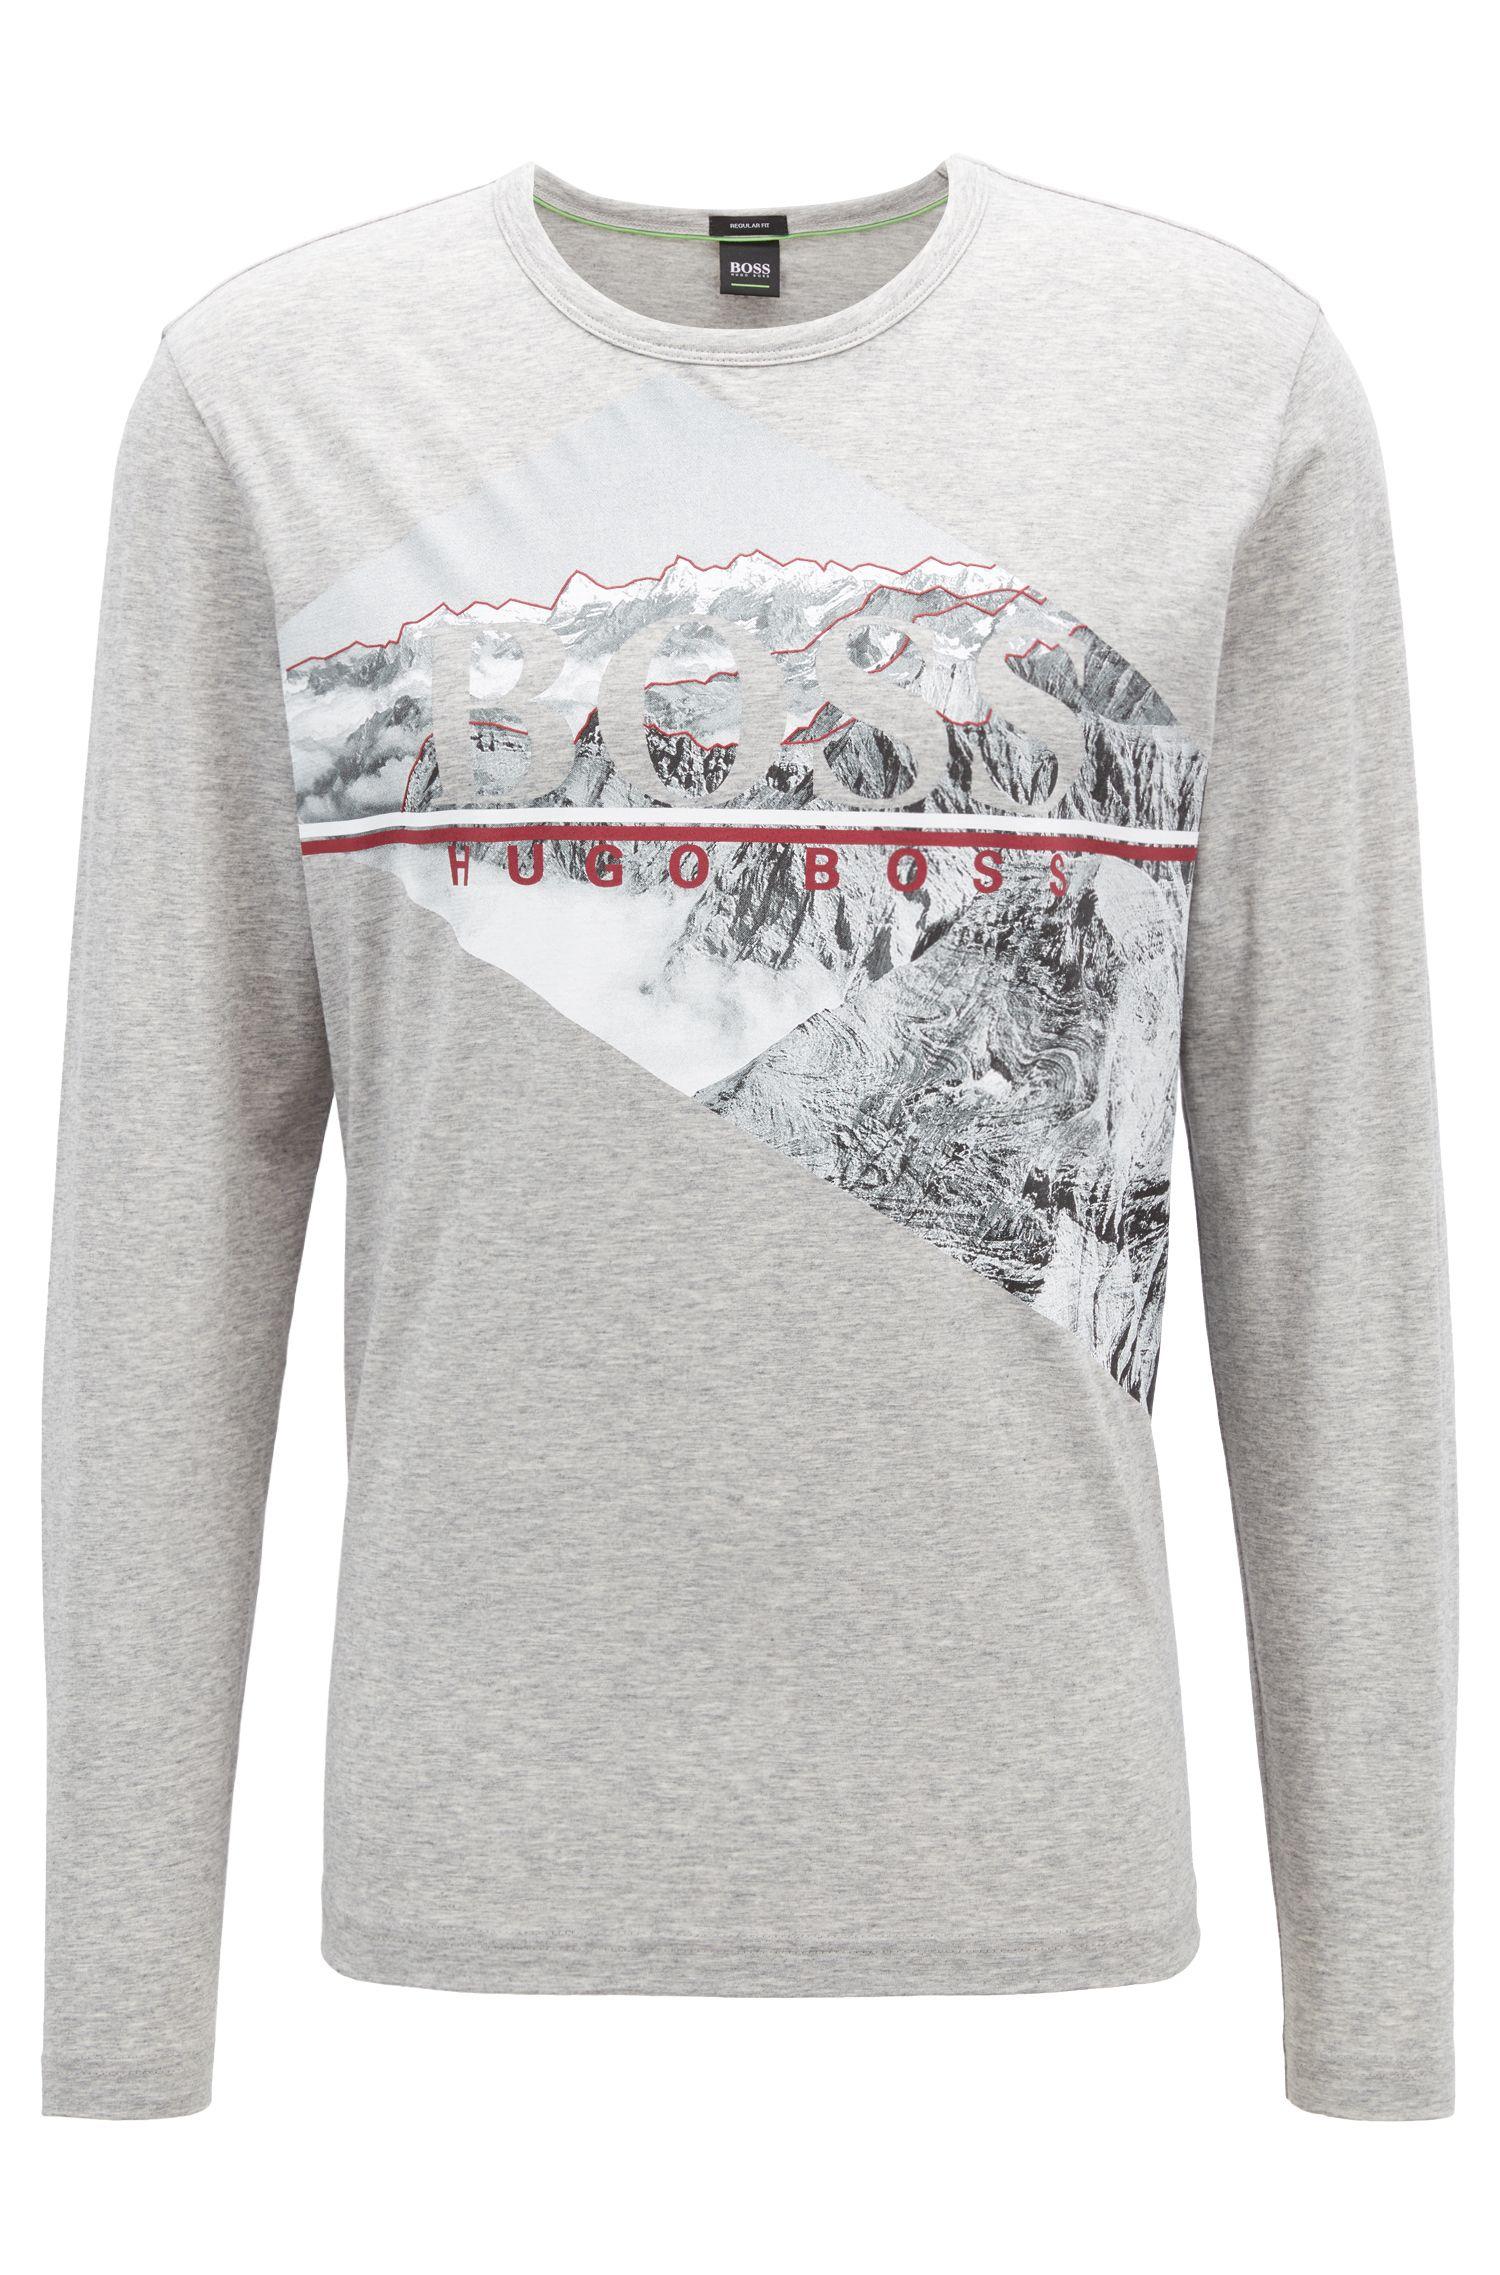 T-shirt à manches longues en coton à imprimé logo photographique, Gris chiné